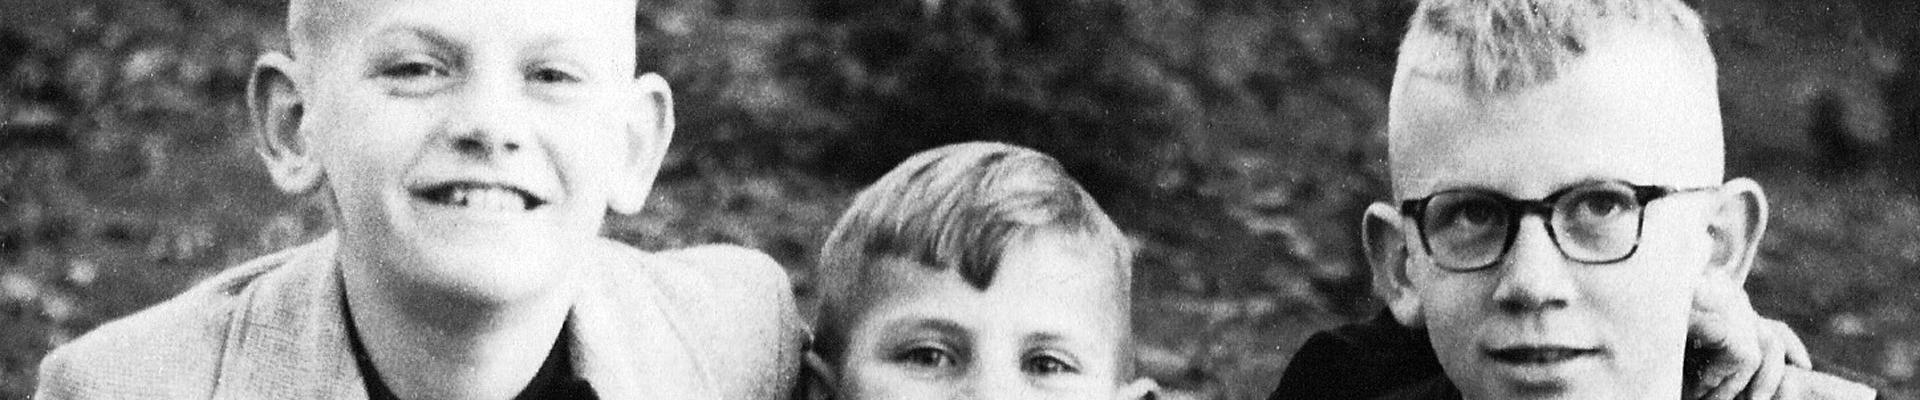 kinderen-1920